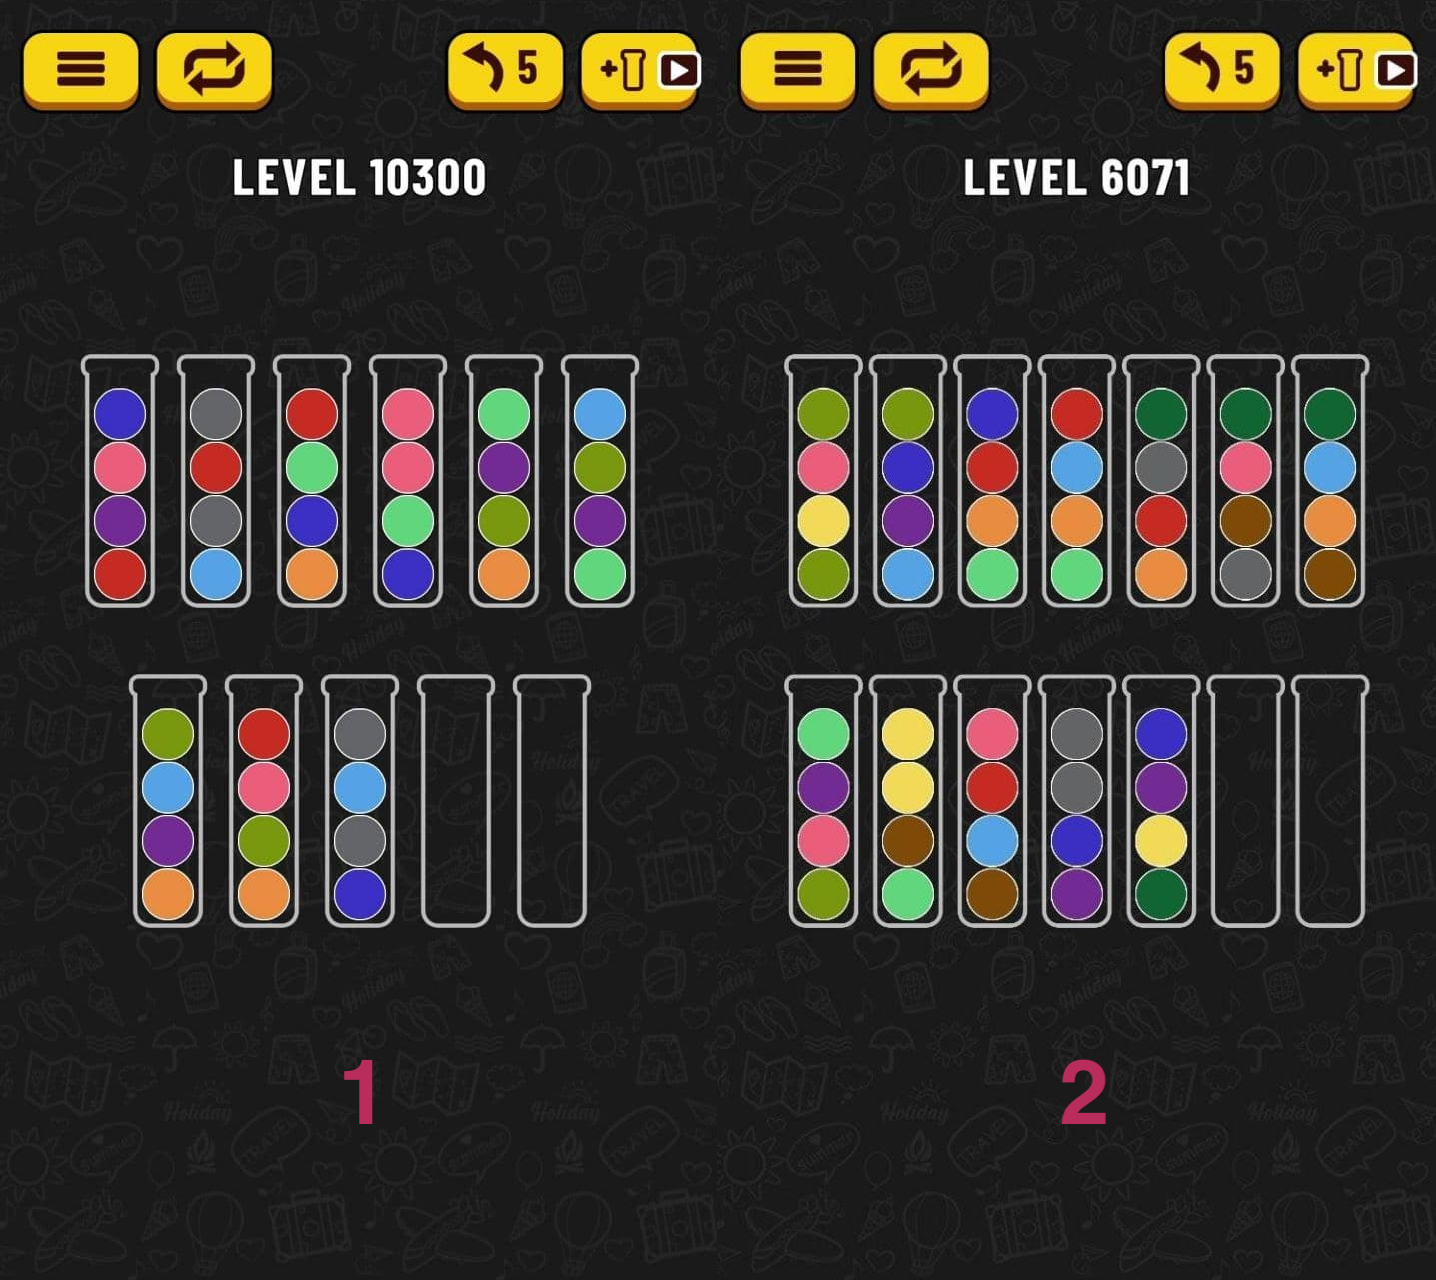 Скриншоты уровней игры